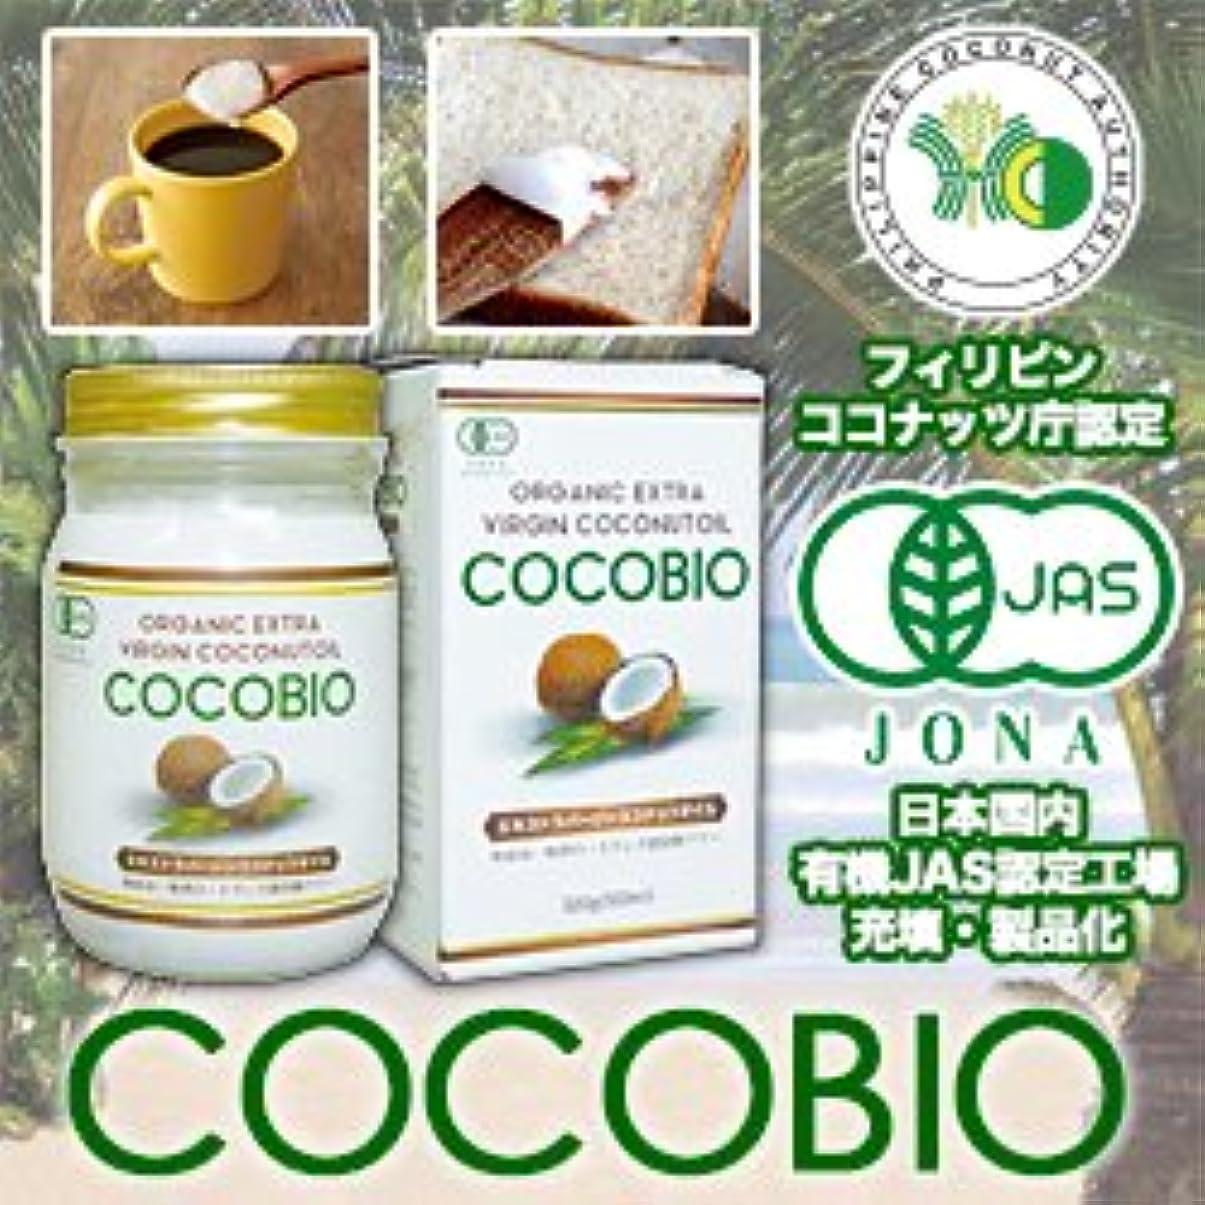 合意批判する体系的に【特殊栄養食品研究所】【有機ココナッツオイル】 ココビオ(COCOBIO) 320g [350ml] ×3個セット